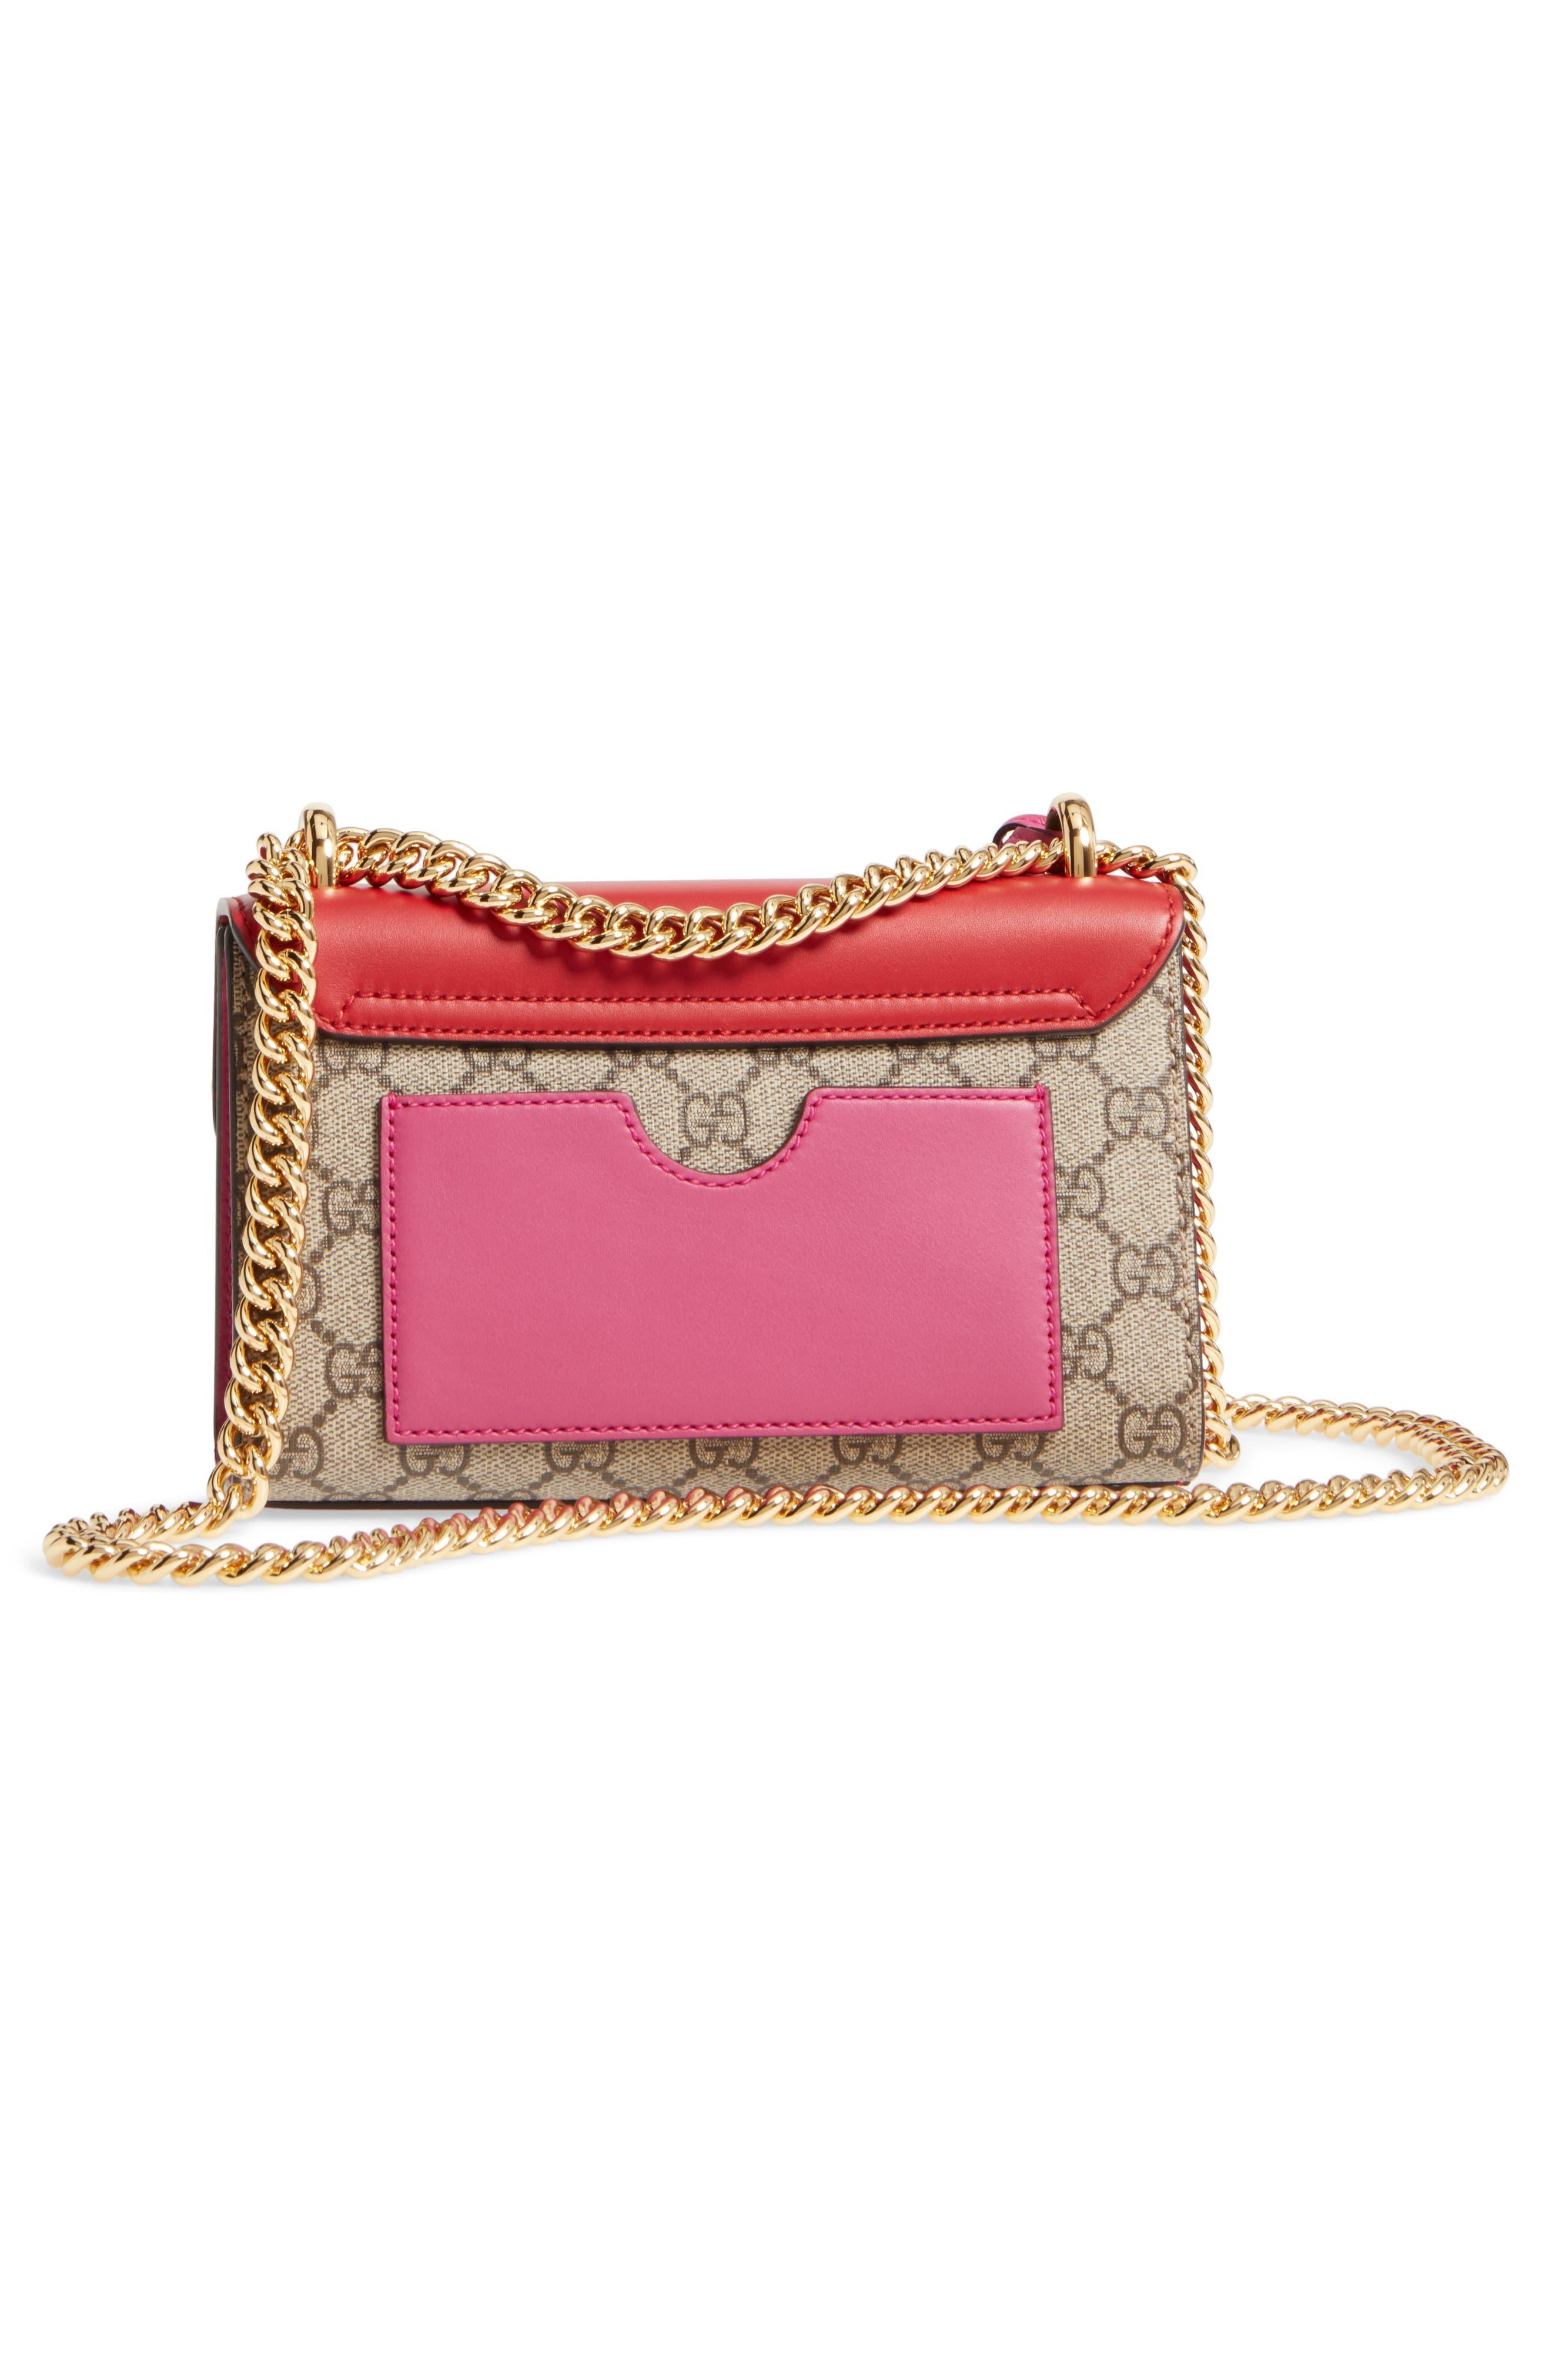 Small Padlock Shoulder Bag,                             Alternate thumbnail 2, color,                             Beige/ Hibiscus/ Roset